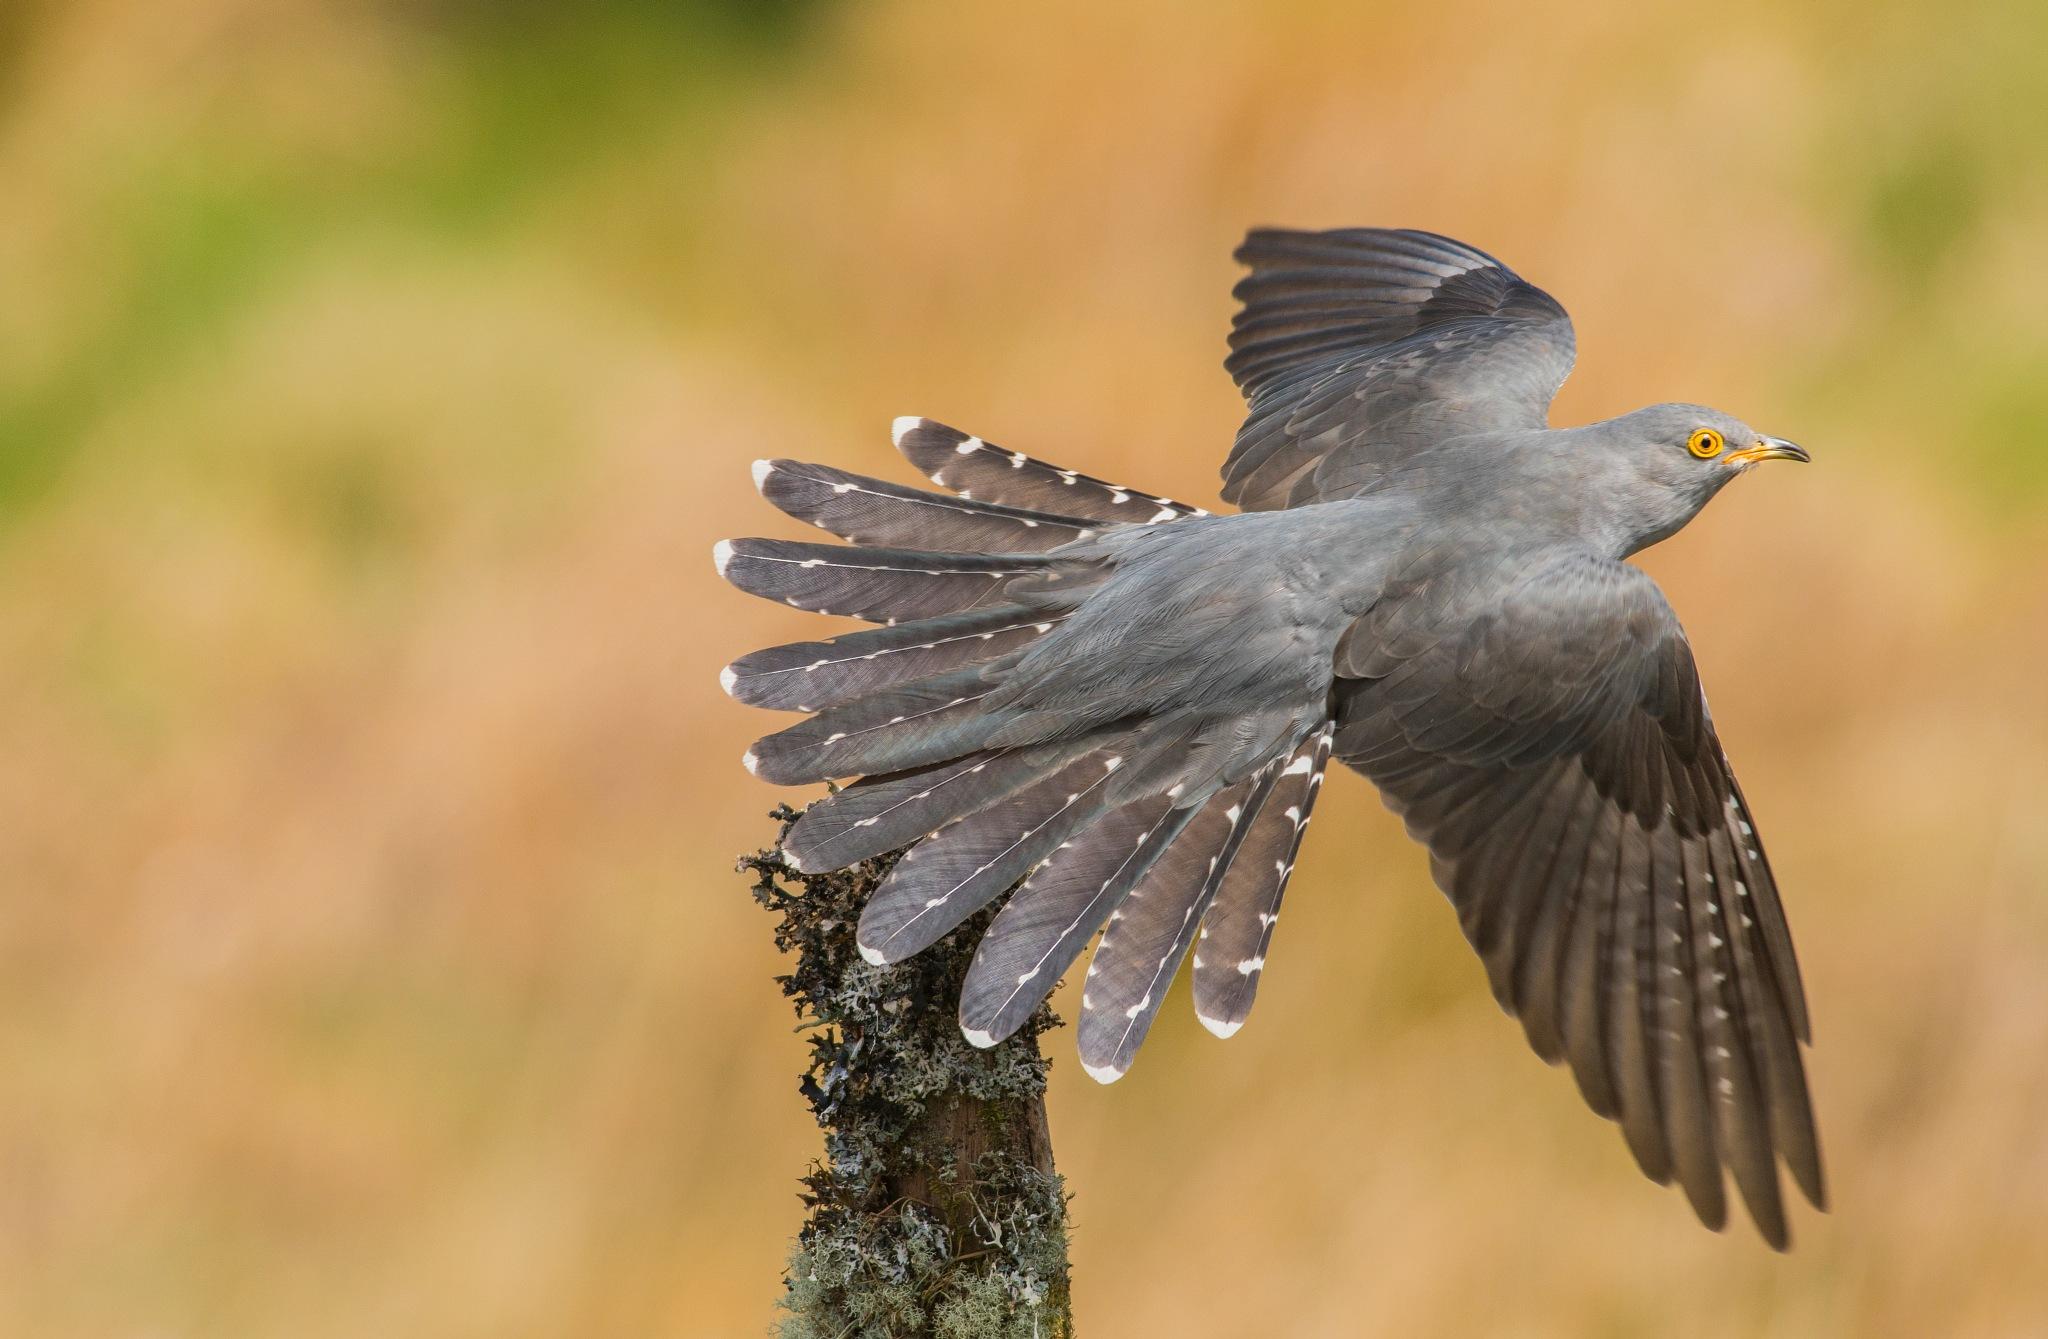 Cuckoo in flight by jamie.snr